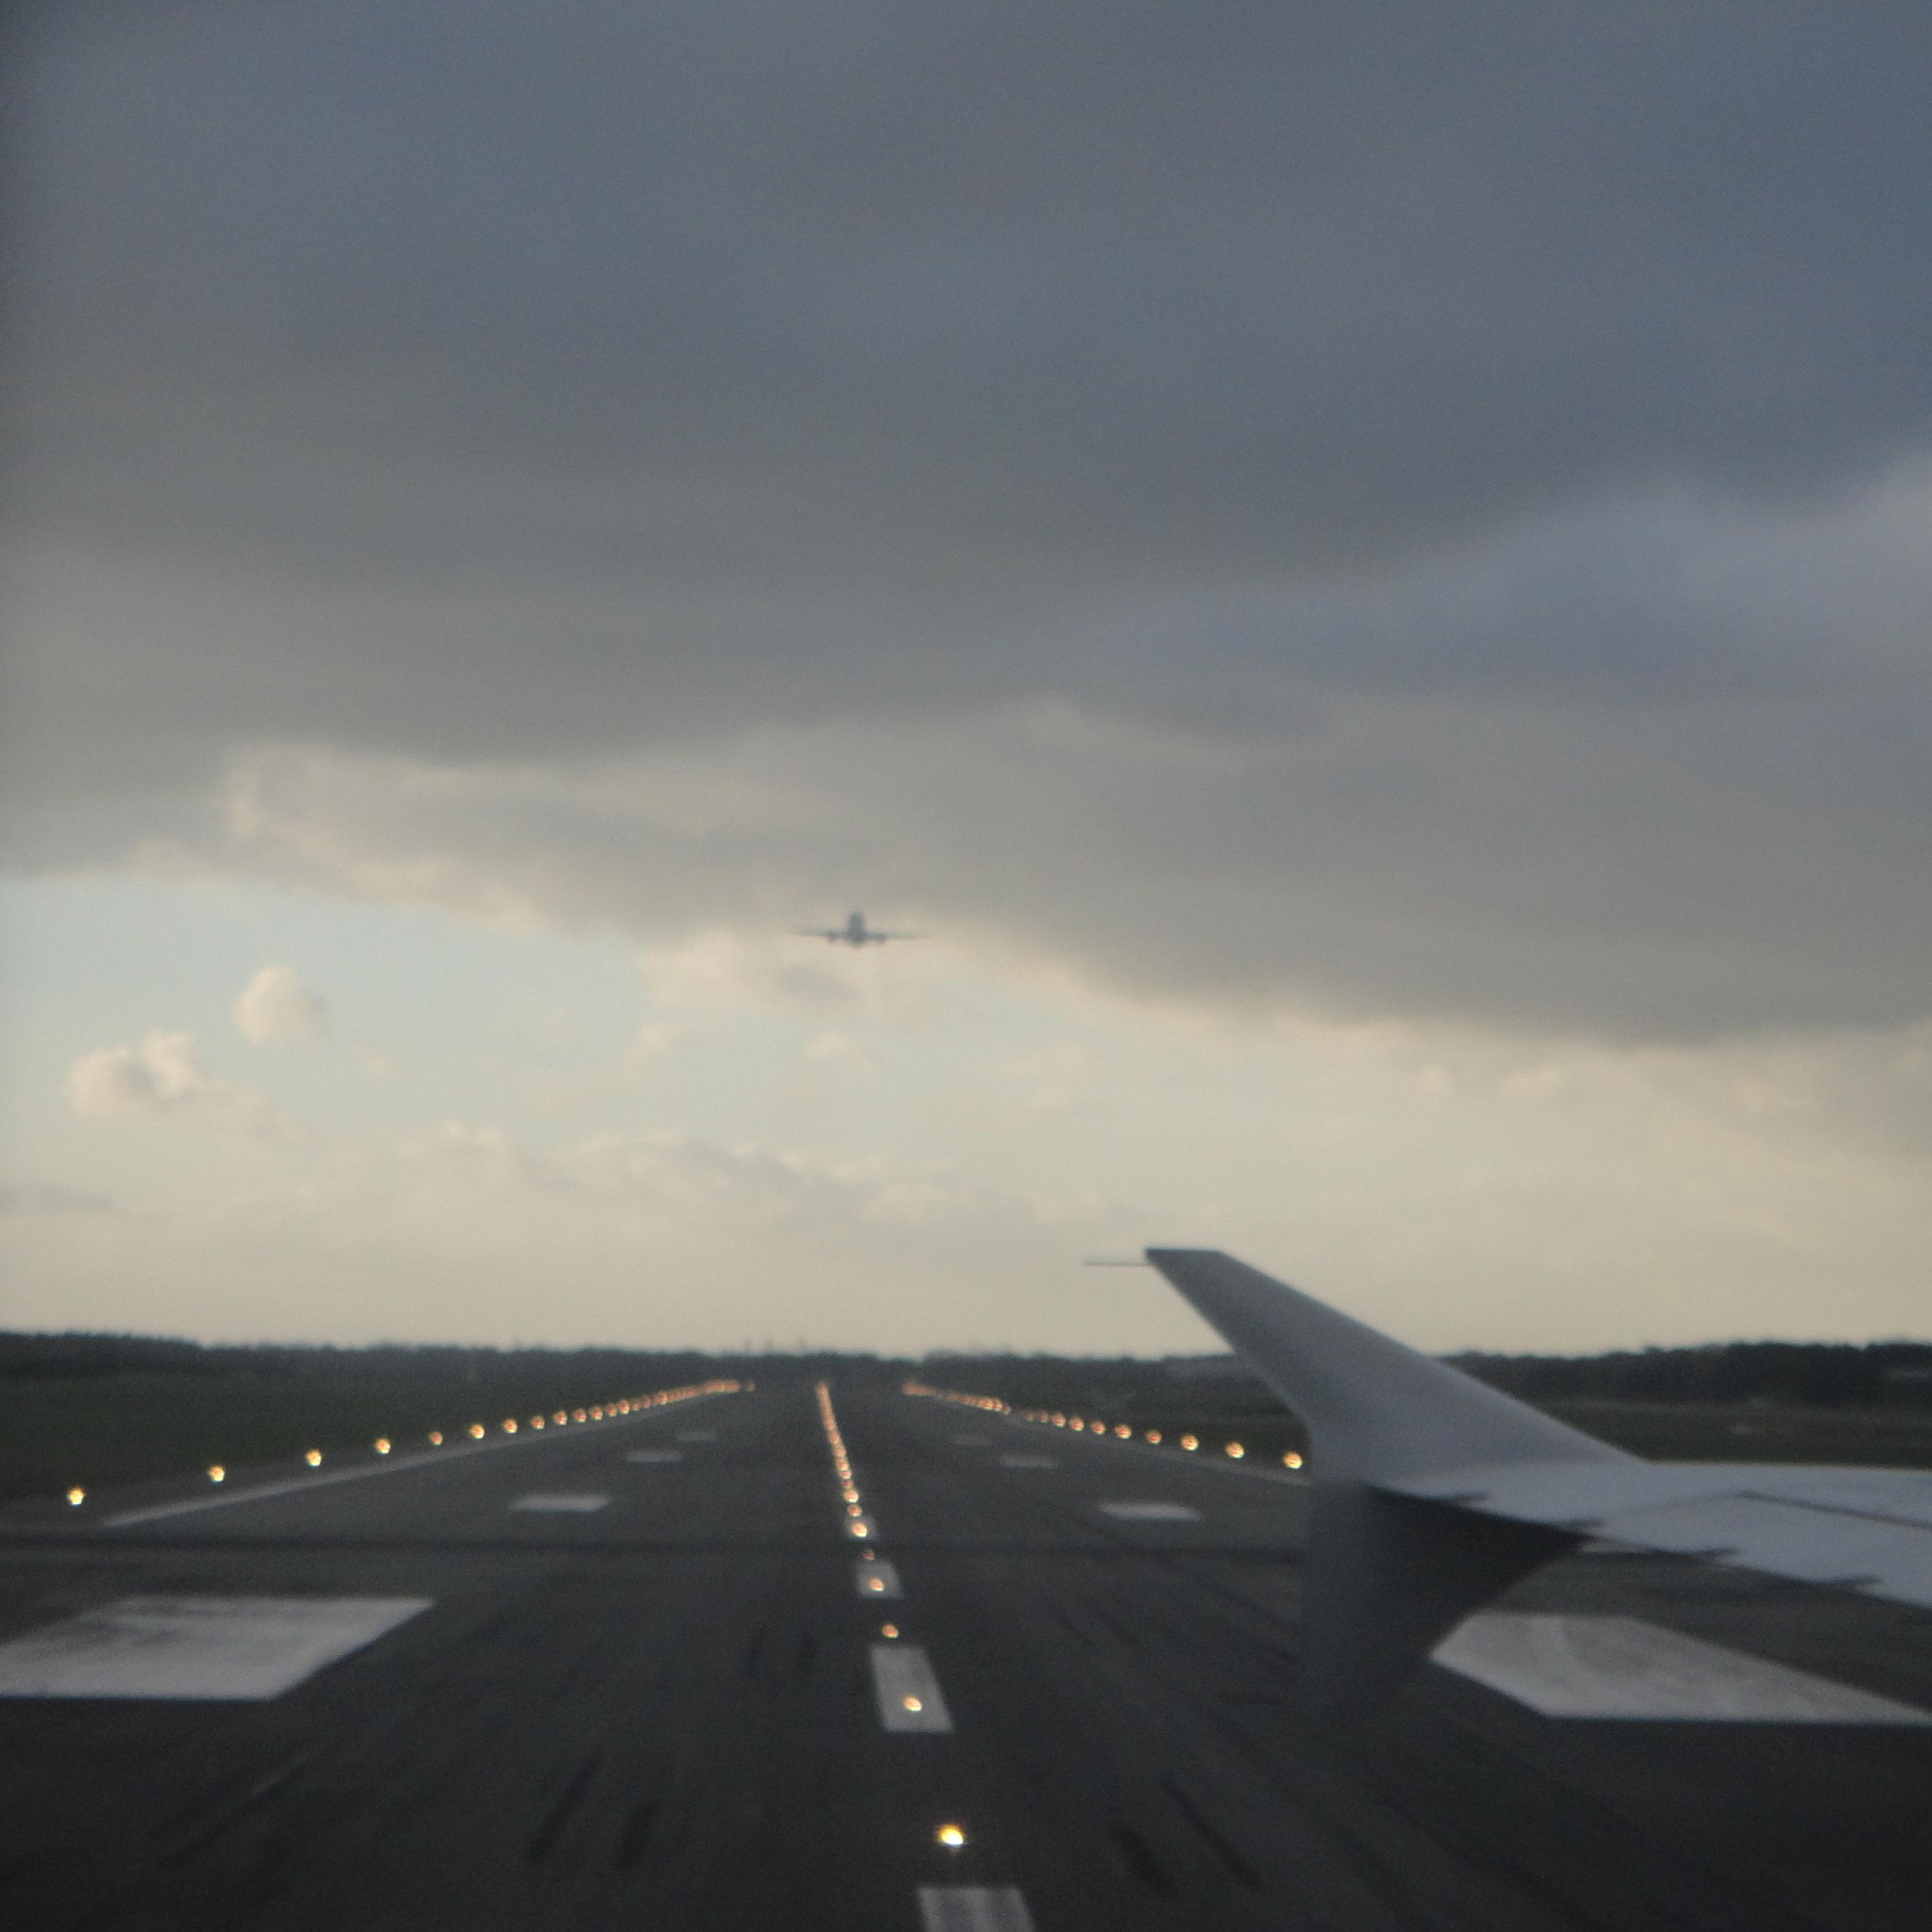 takeoff / Start